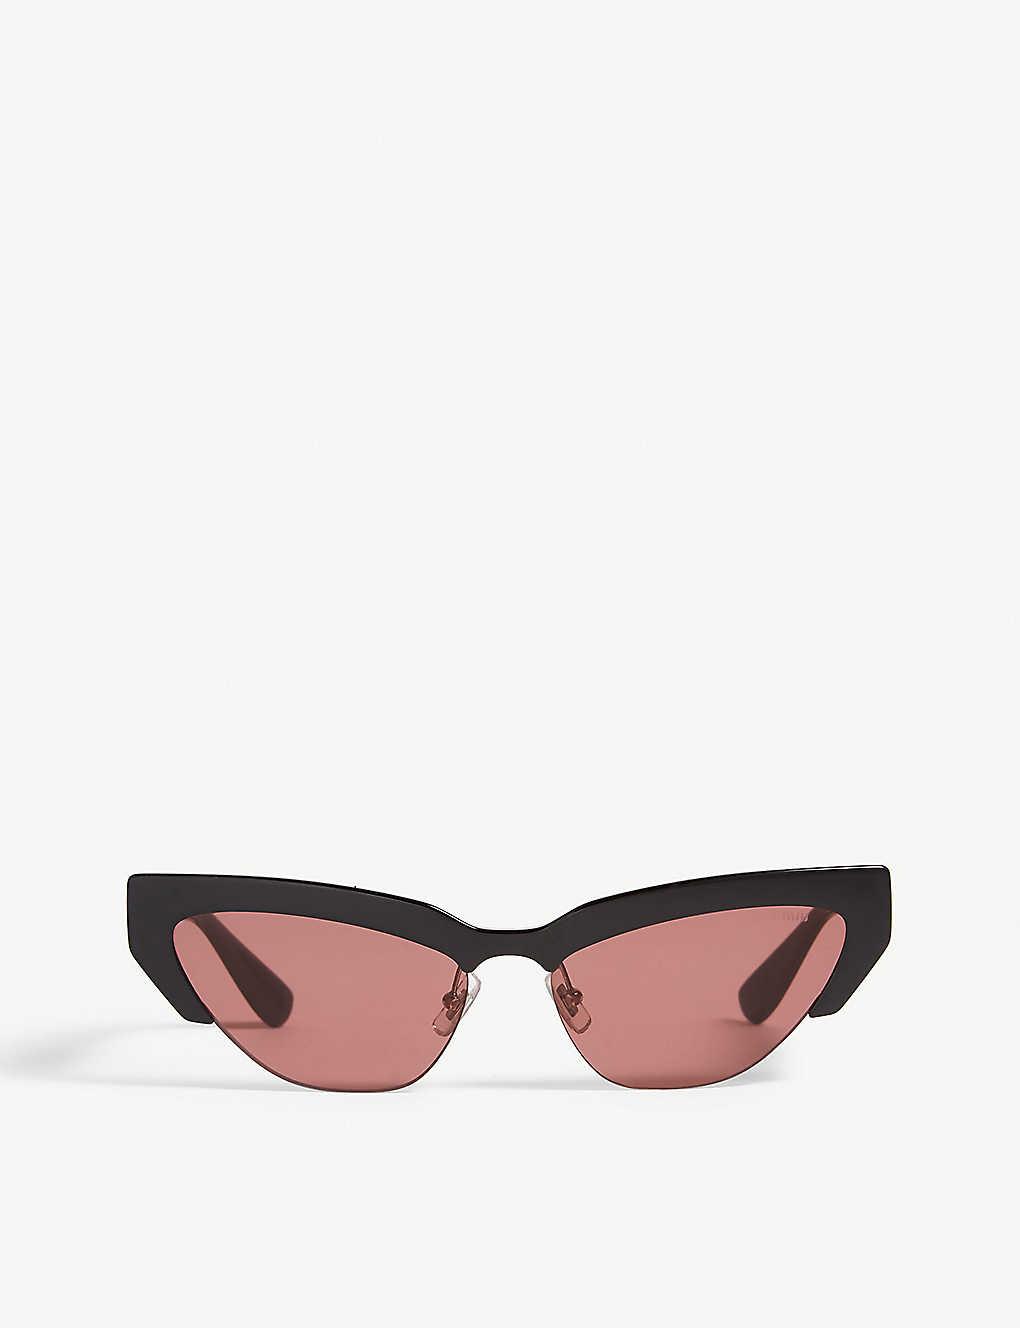 0de104d70 MIU MIU - Mu 04US 59 cat eye-frame sunglasses | Selfridges.com